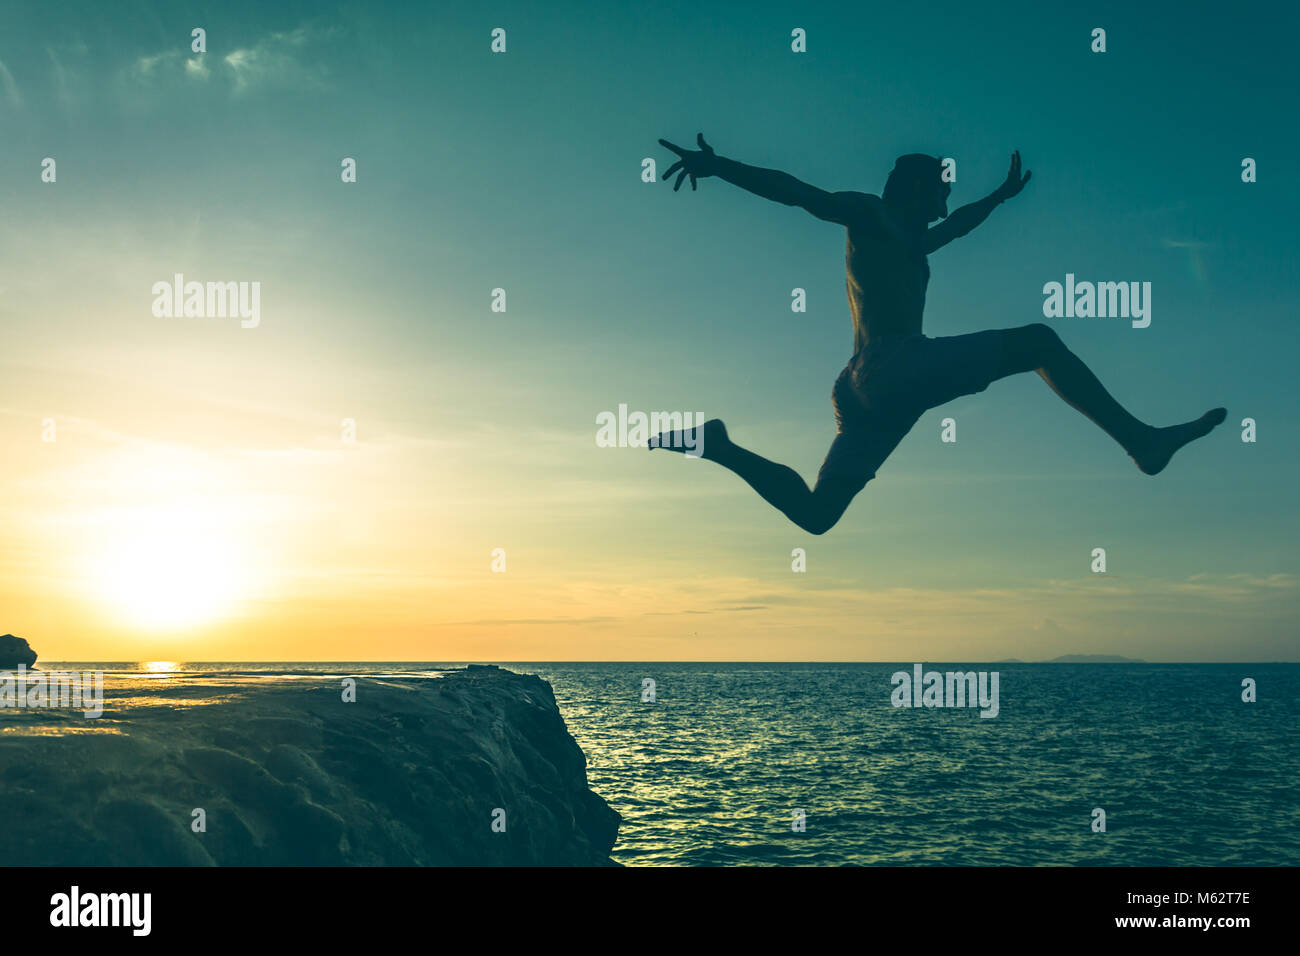 Hombre saltando sobre un acantilado en el mar a la puesta del sol en la isla de Koh Phangan, Tailandia. Efecto Vintage. Foto de stock